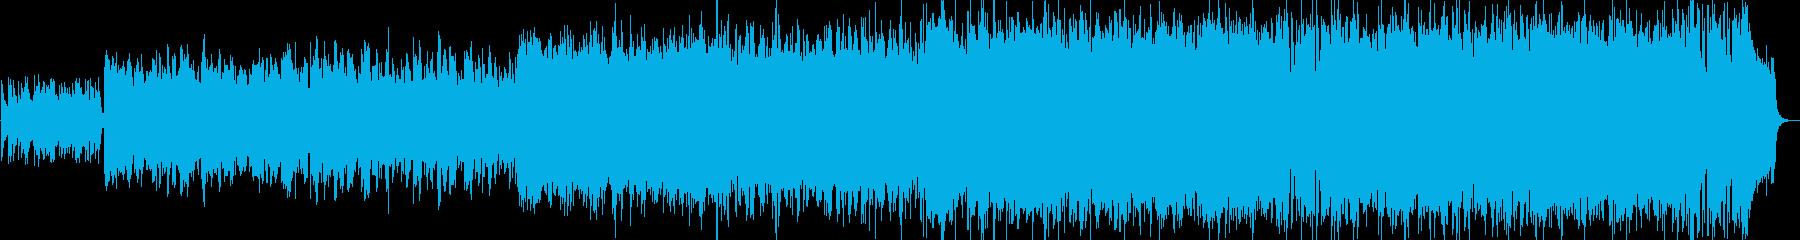 バグパイプのアイリッシュリールの再生済みの波形